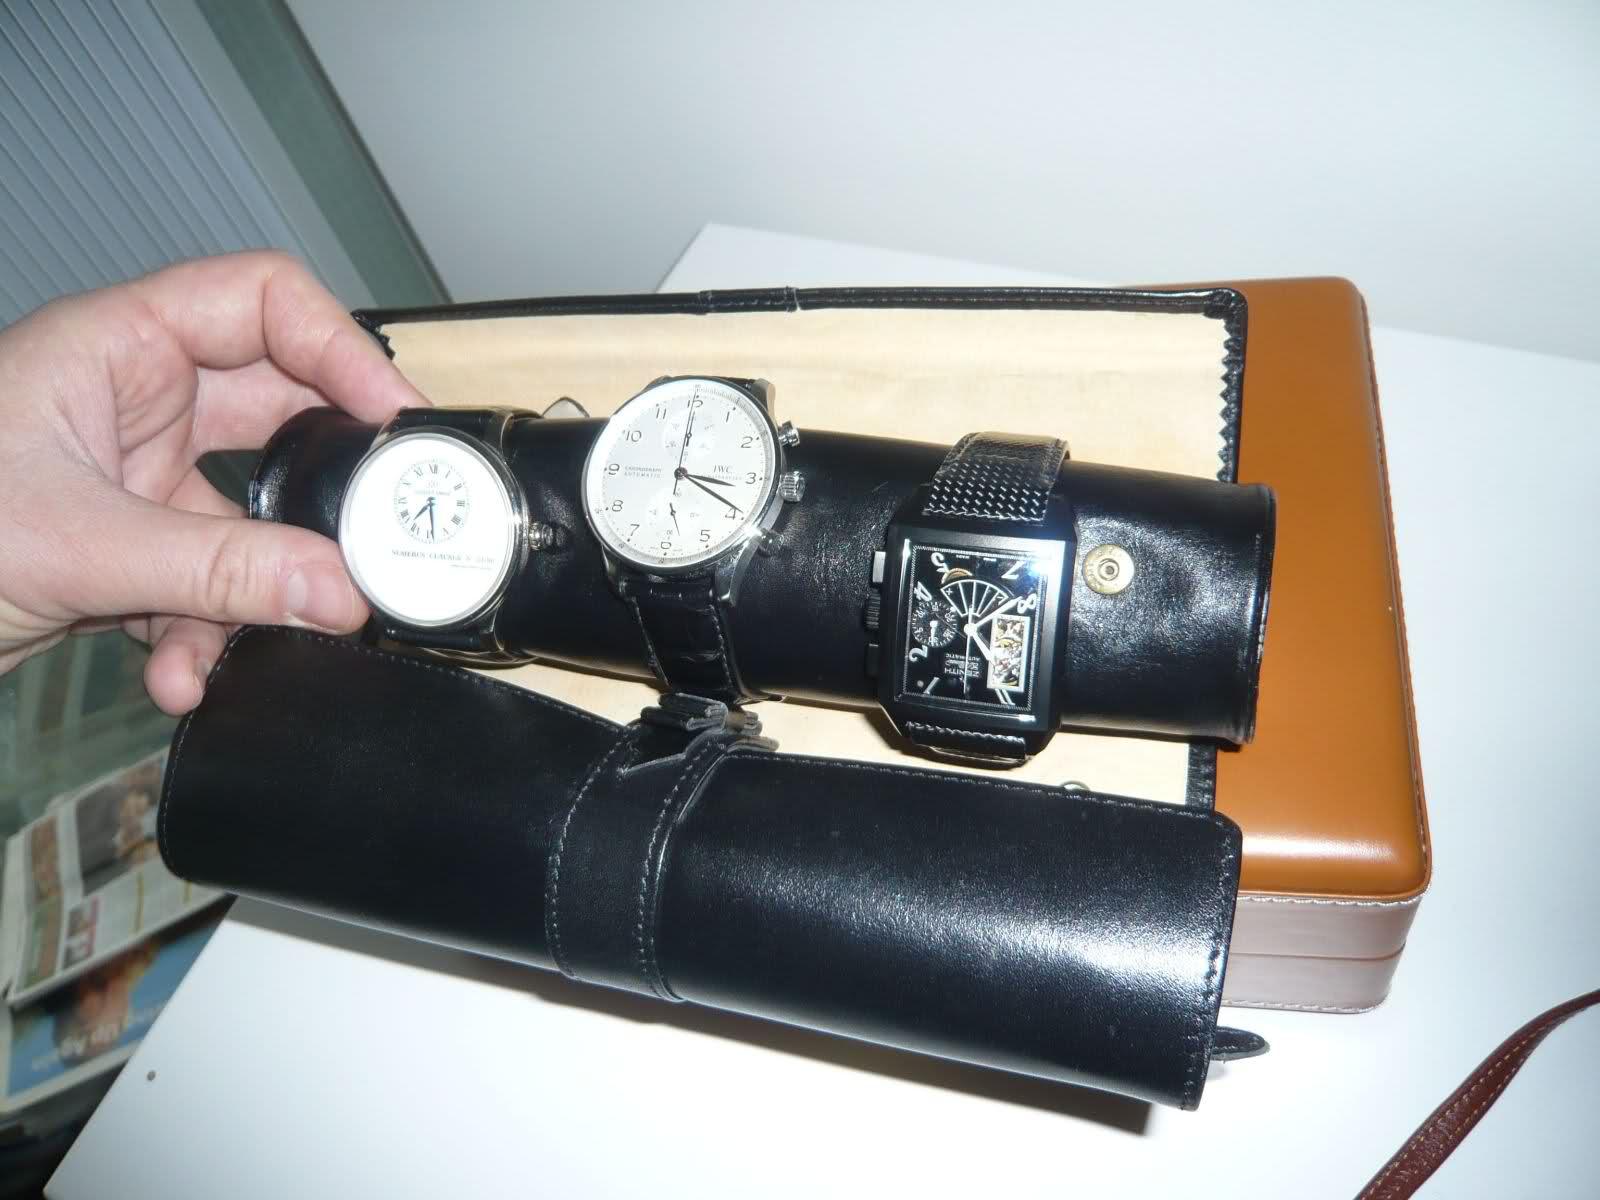 panerai -  [SUJET UNIQUE] écrin, boîte ou coffret pour ranger les montres... - Page 3 R79h8y